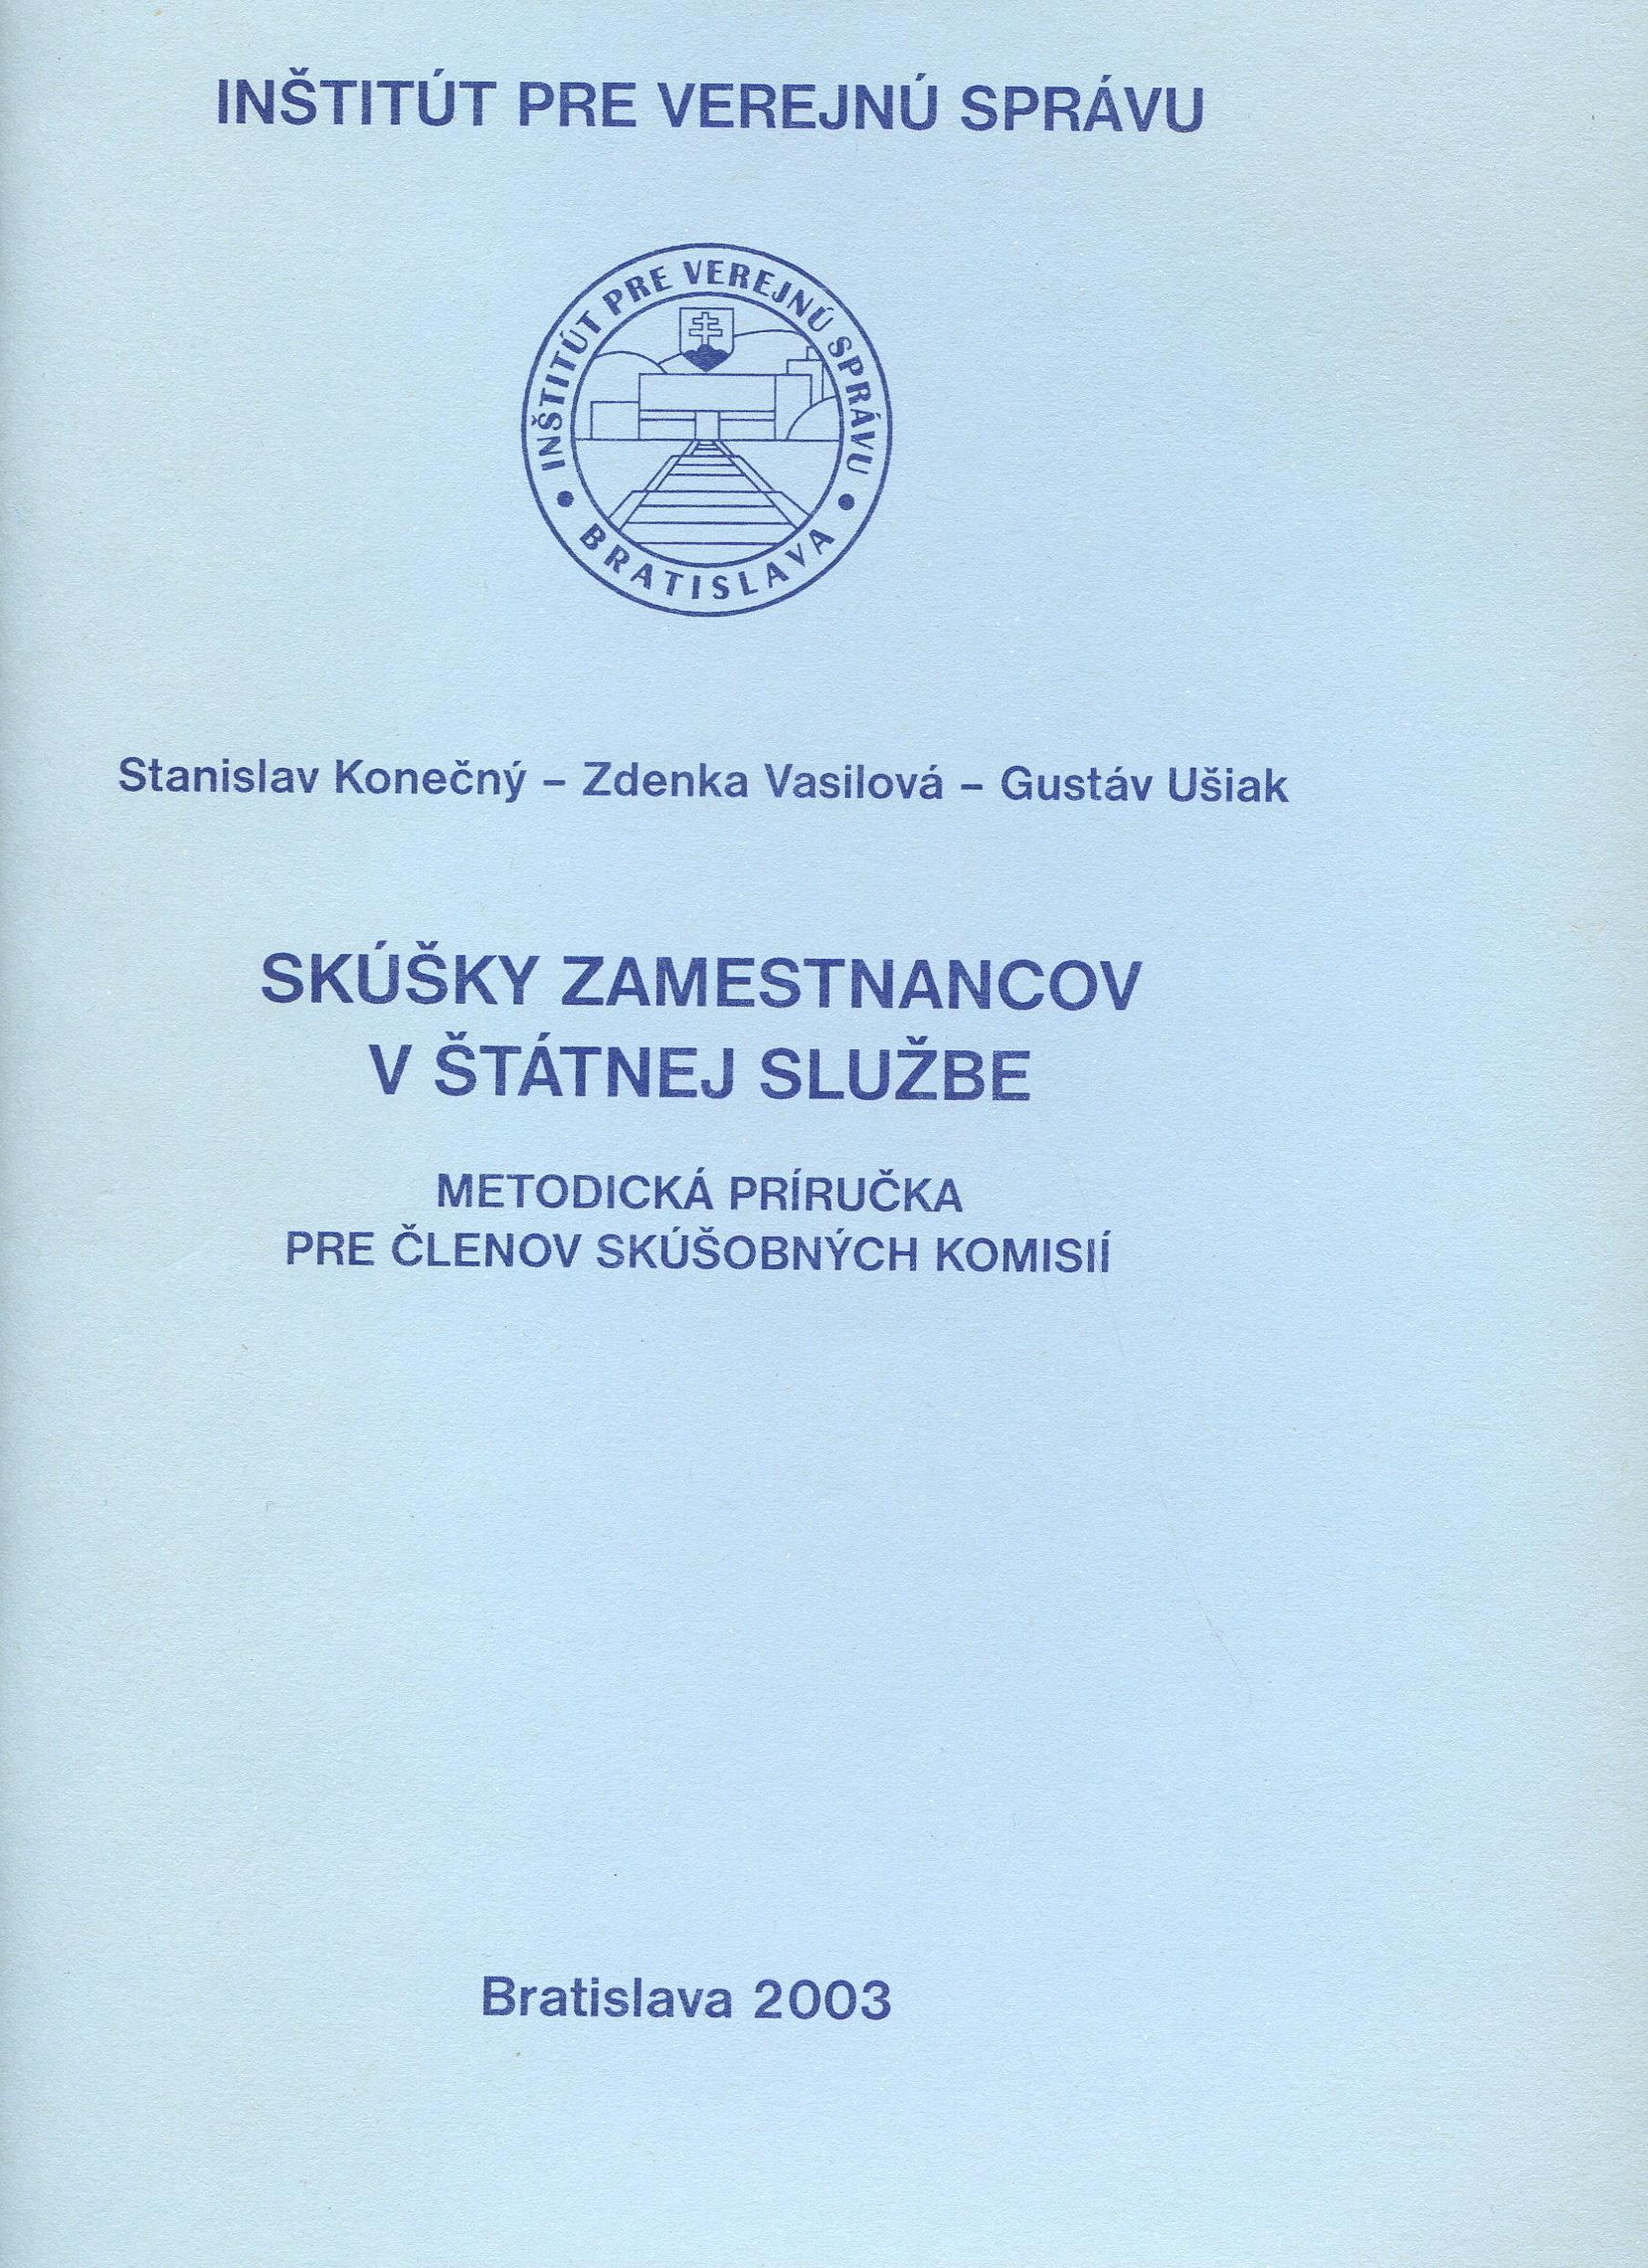 Skúšky zamestnancov v štátnej službe - Metodická príručka pre členov skúšobných komisií